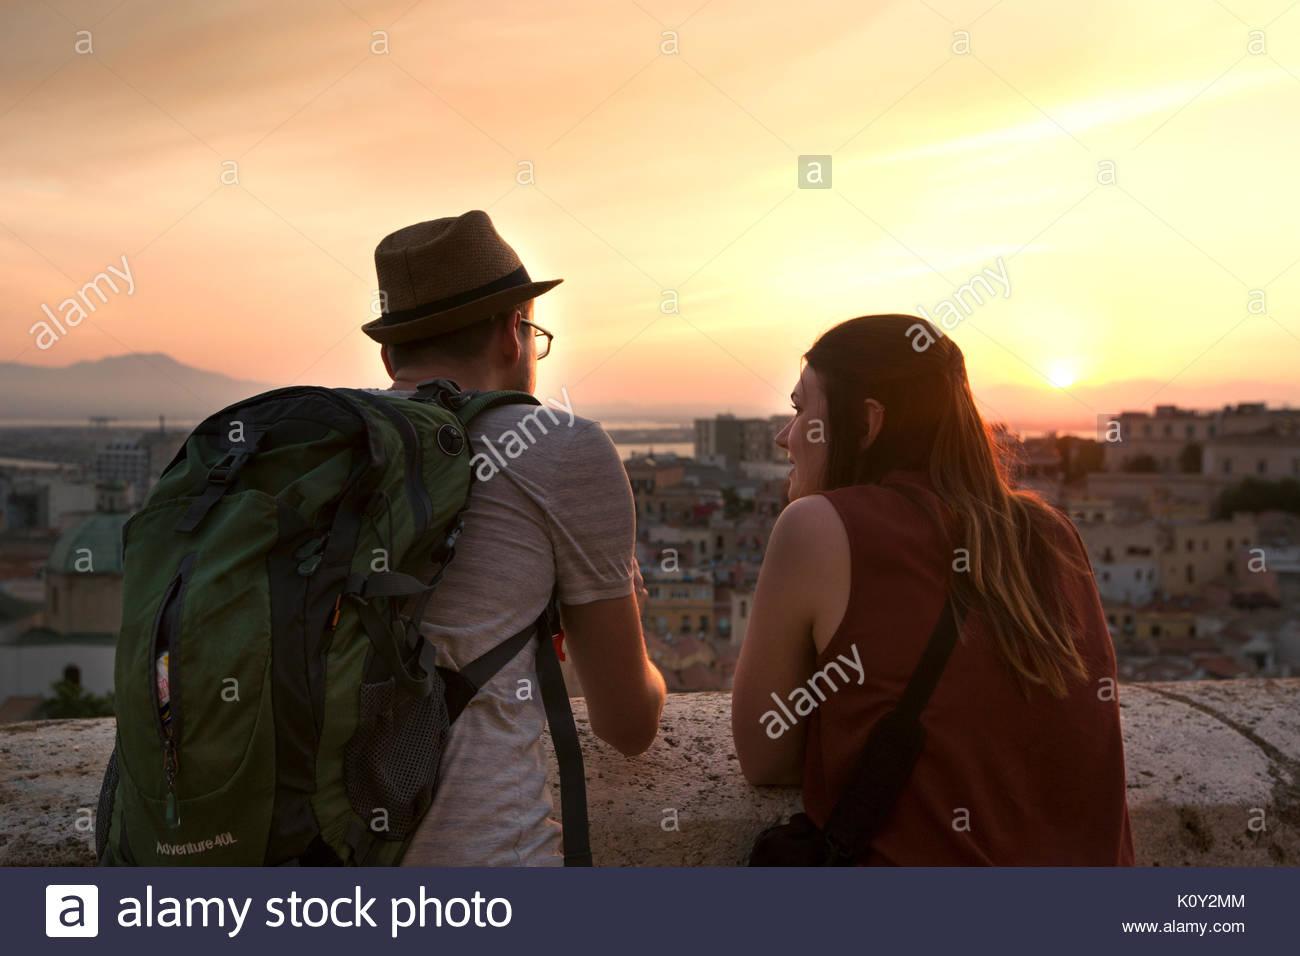 Turist giovane waching la città Immagini Stock